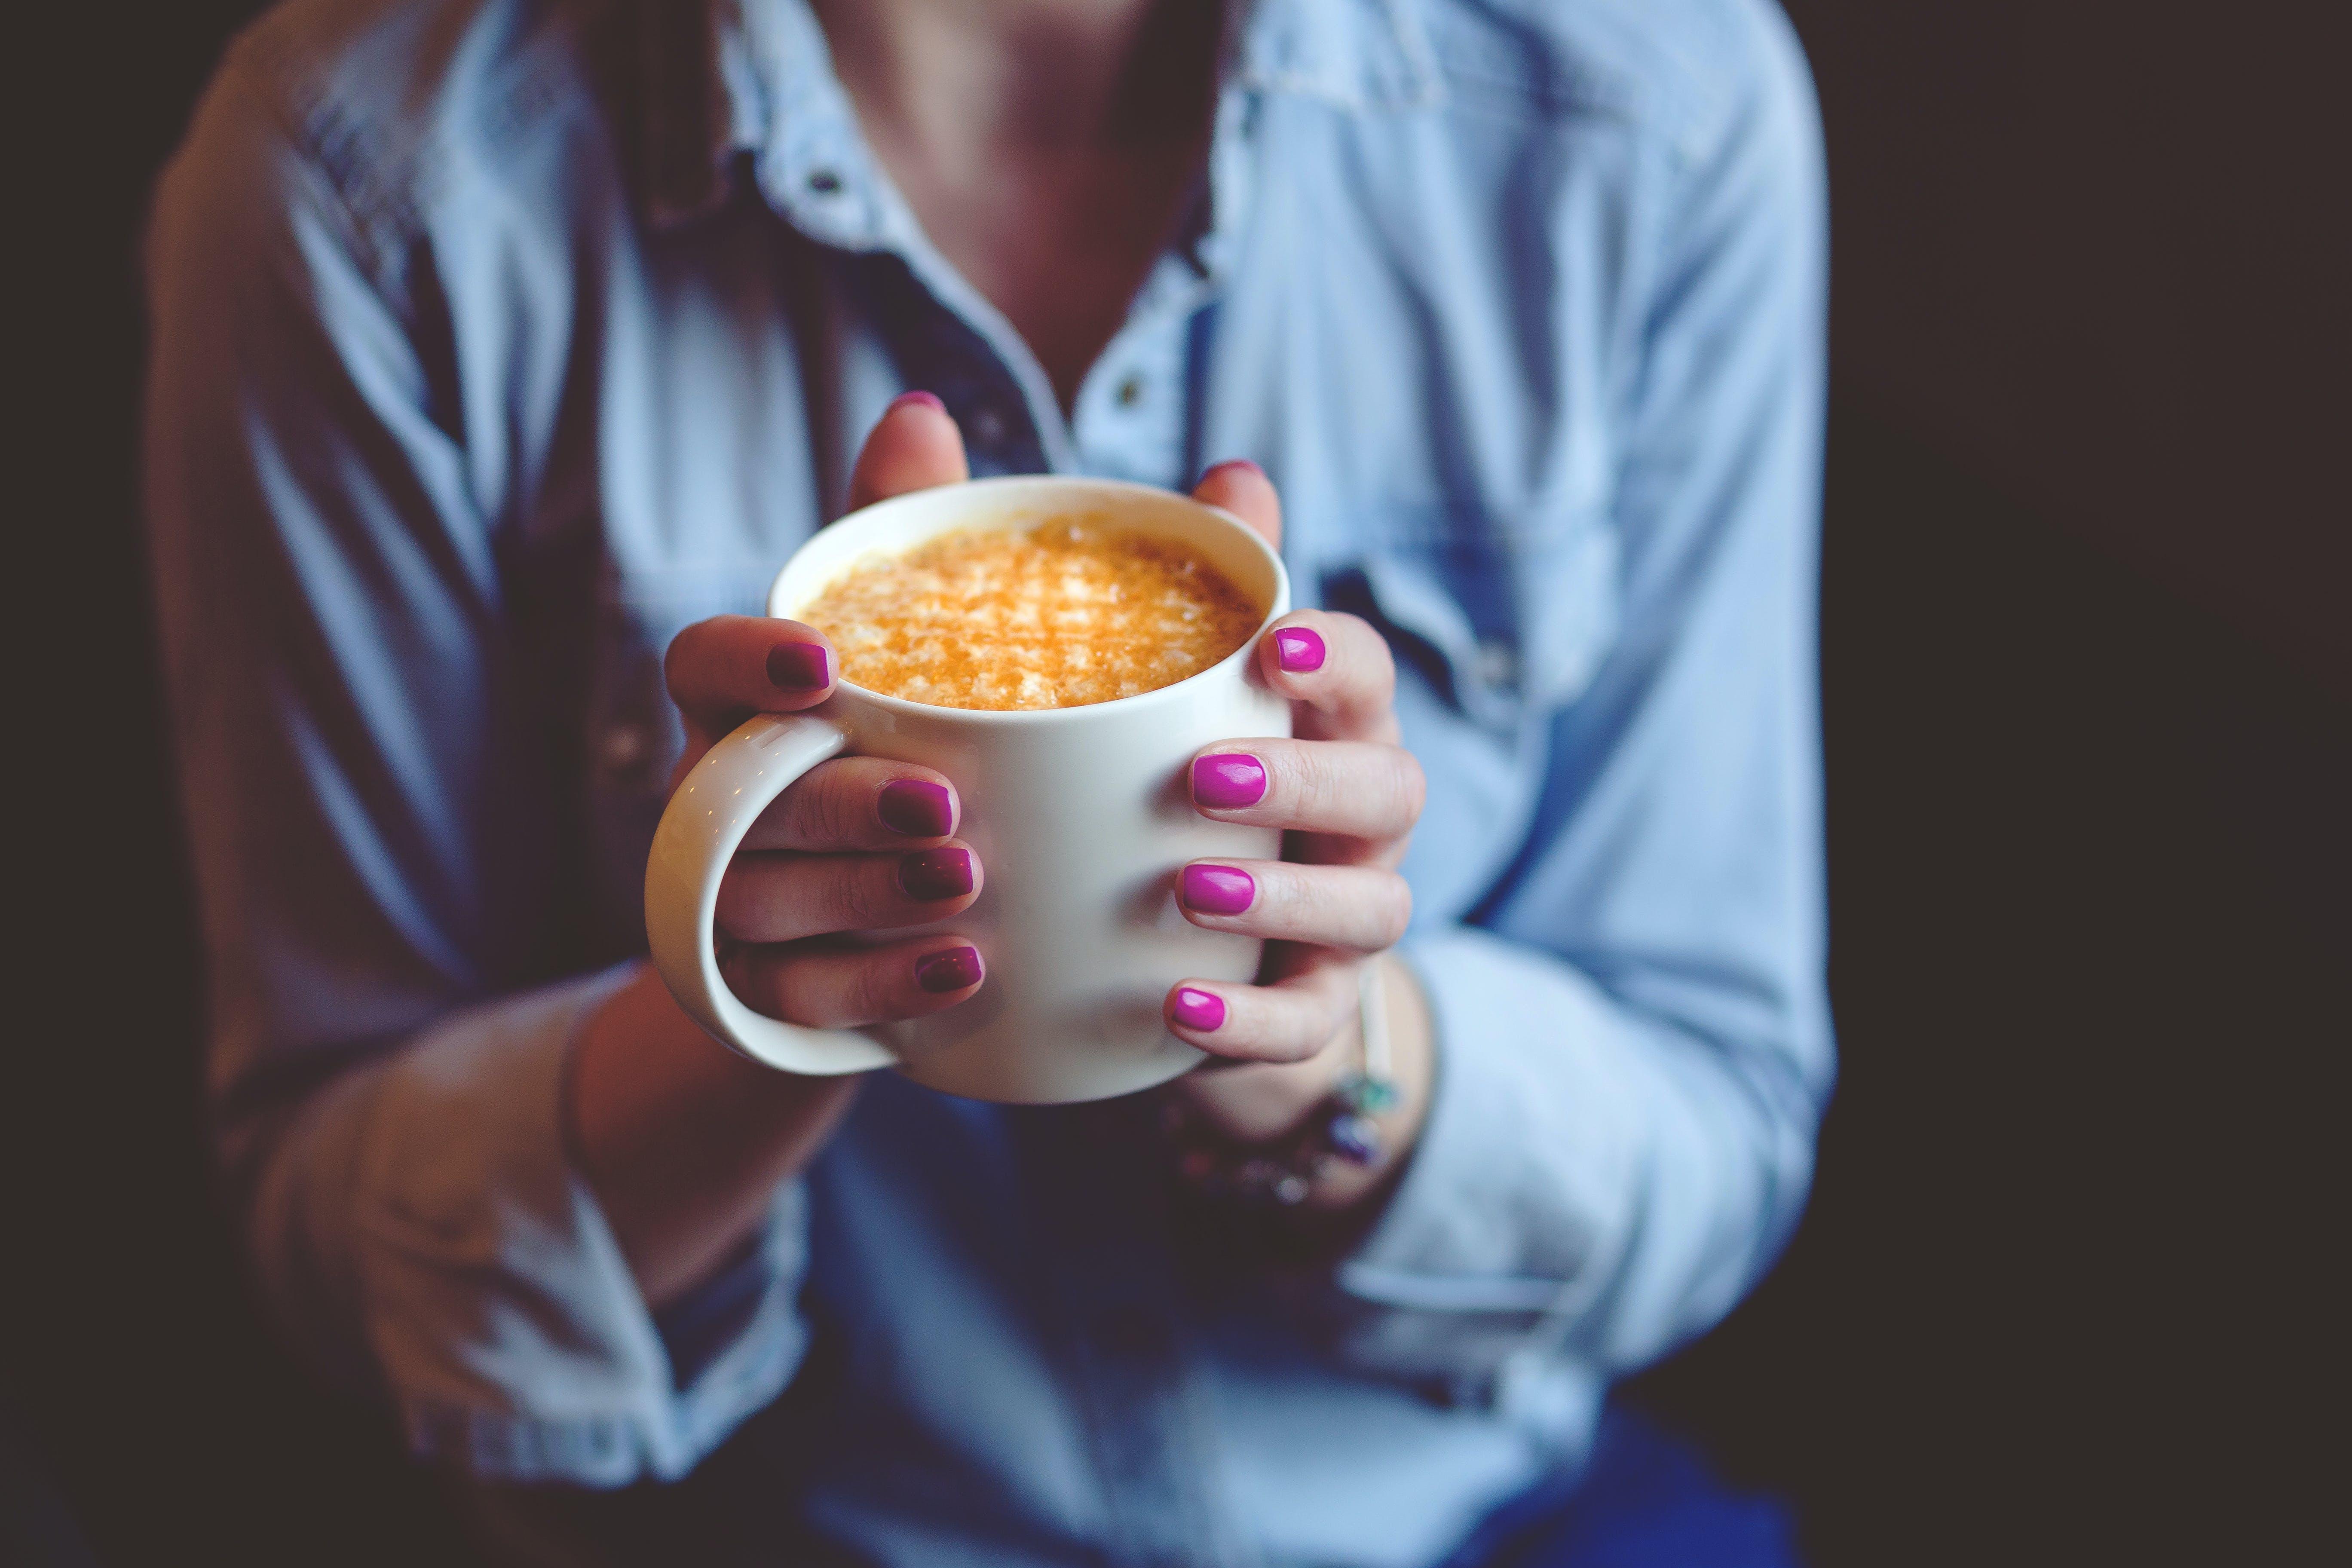 café, coffee, cup